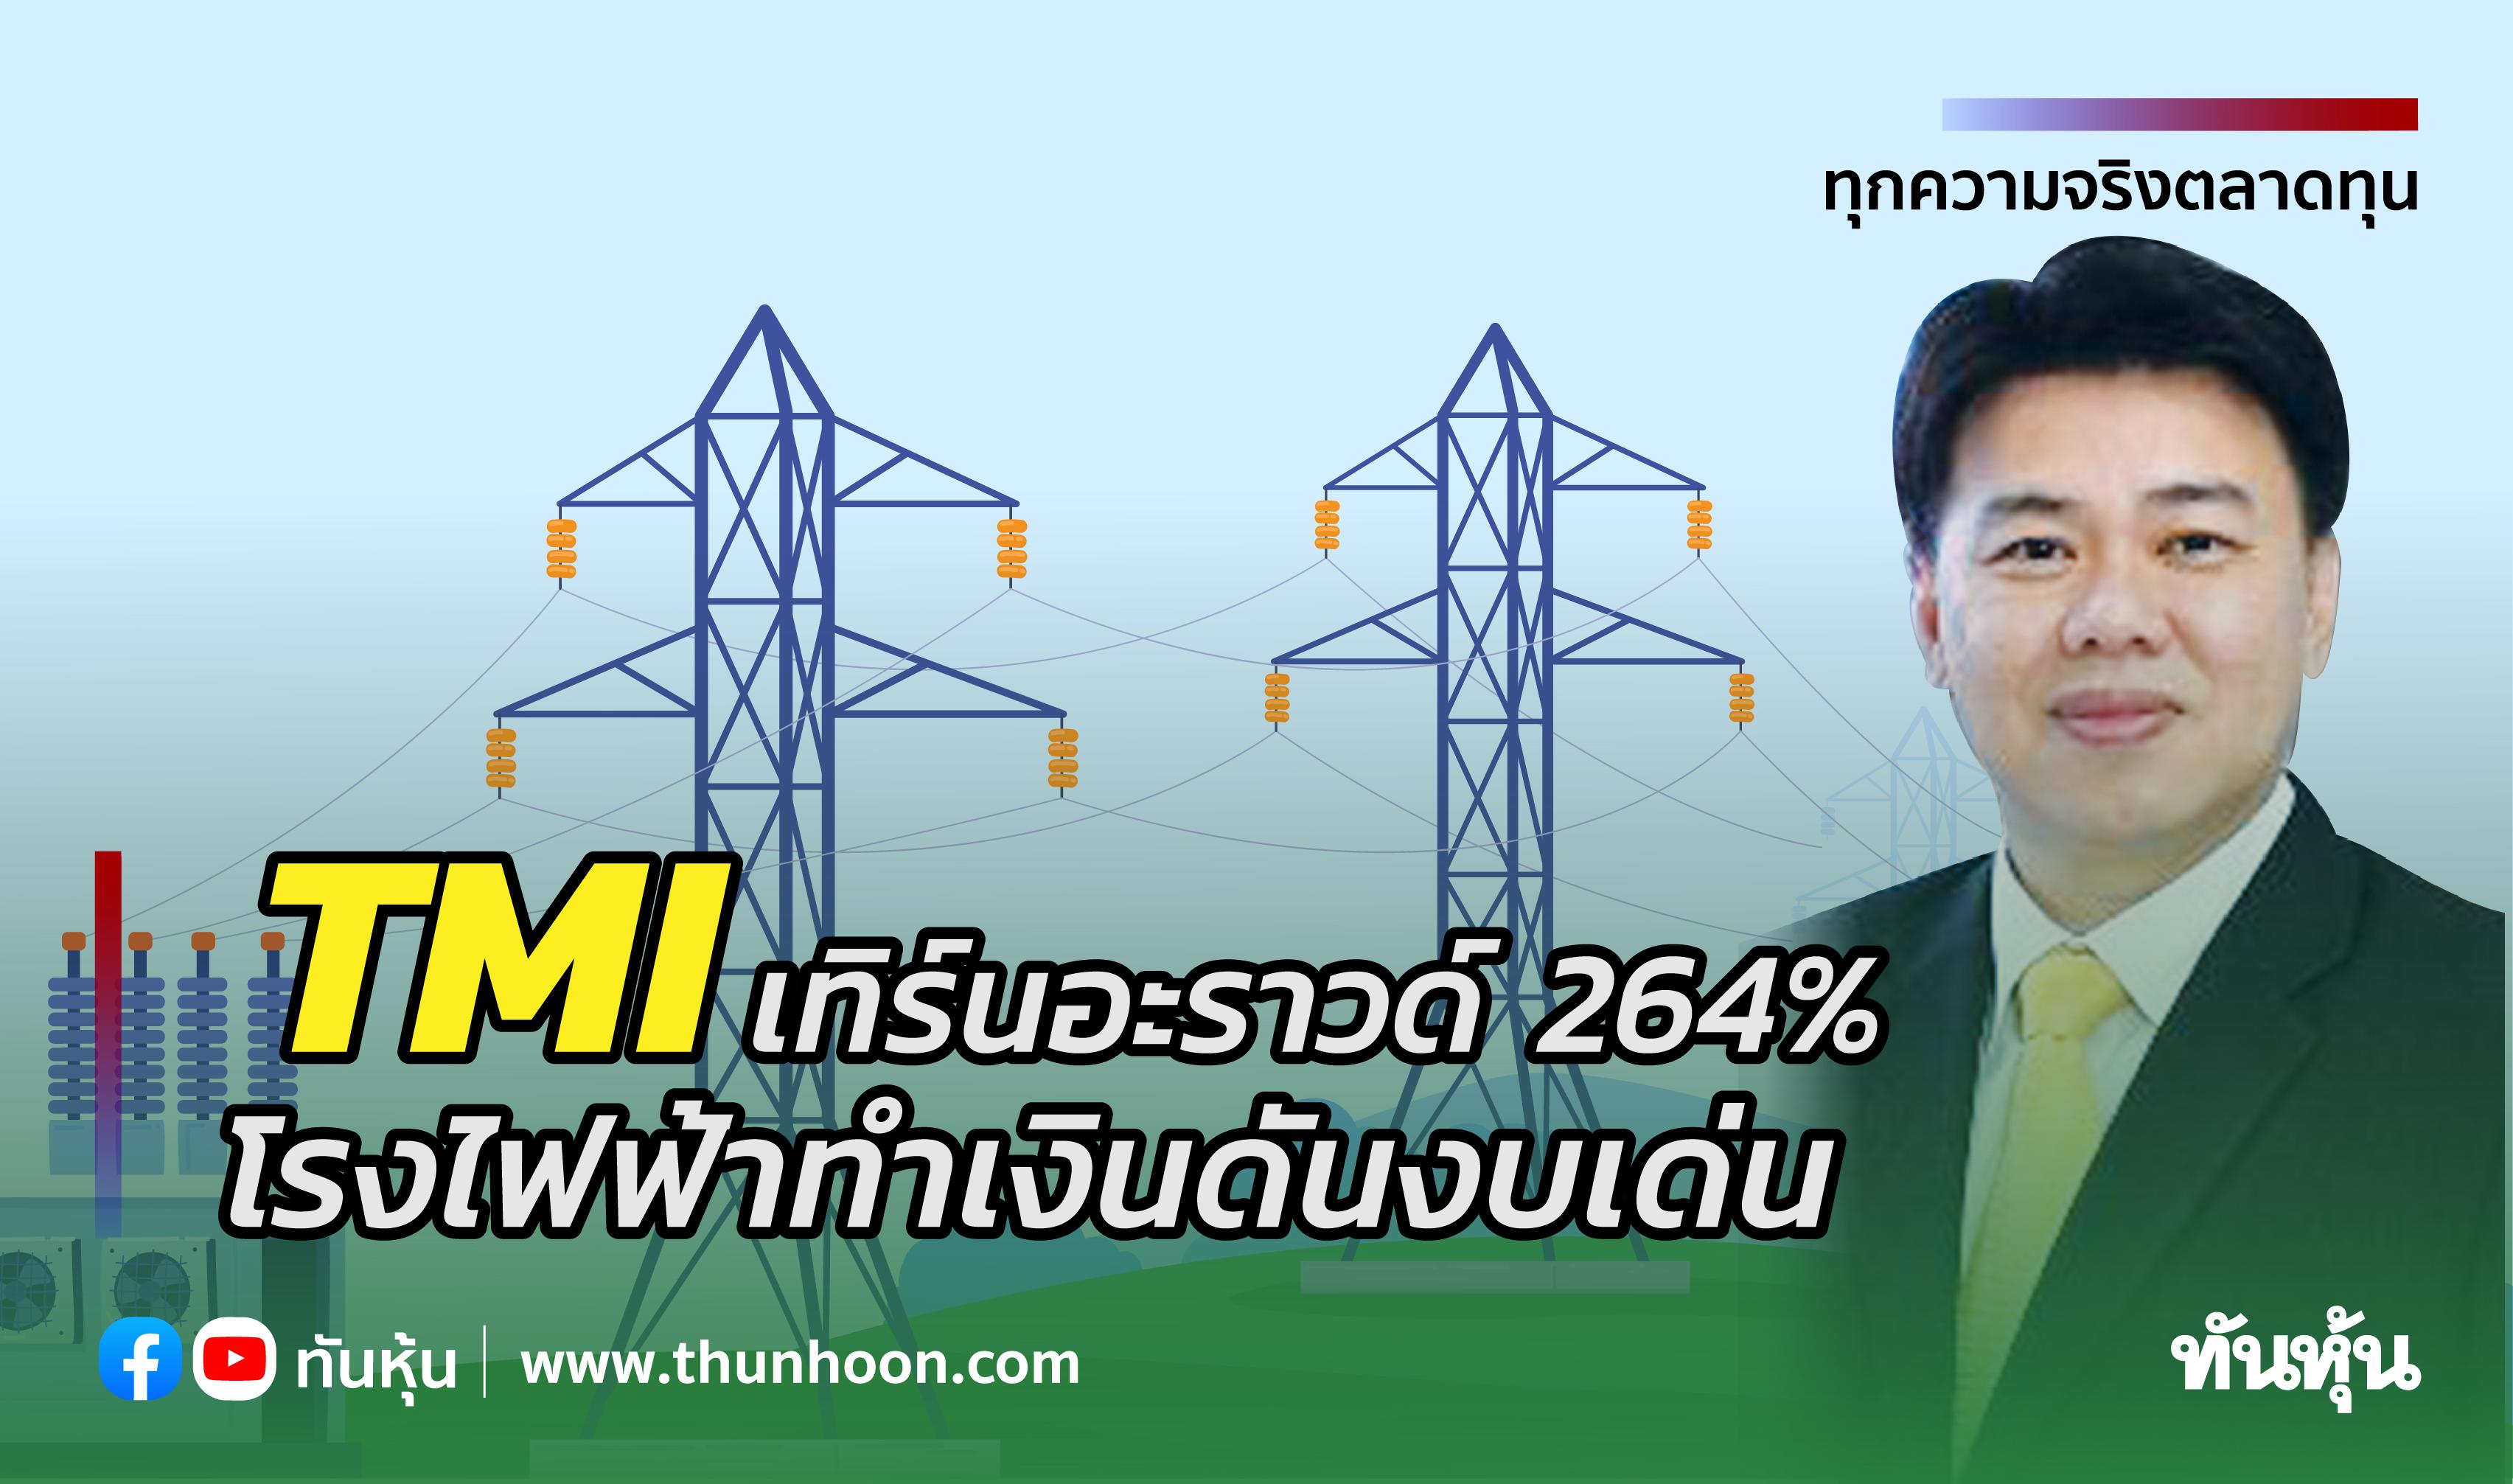 TMIเทิร์นอะราวด์264% โรงไฟฟ้าทำเงินดันงบเด่น